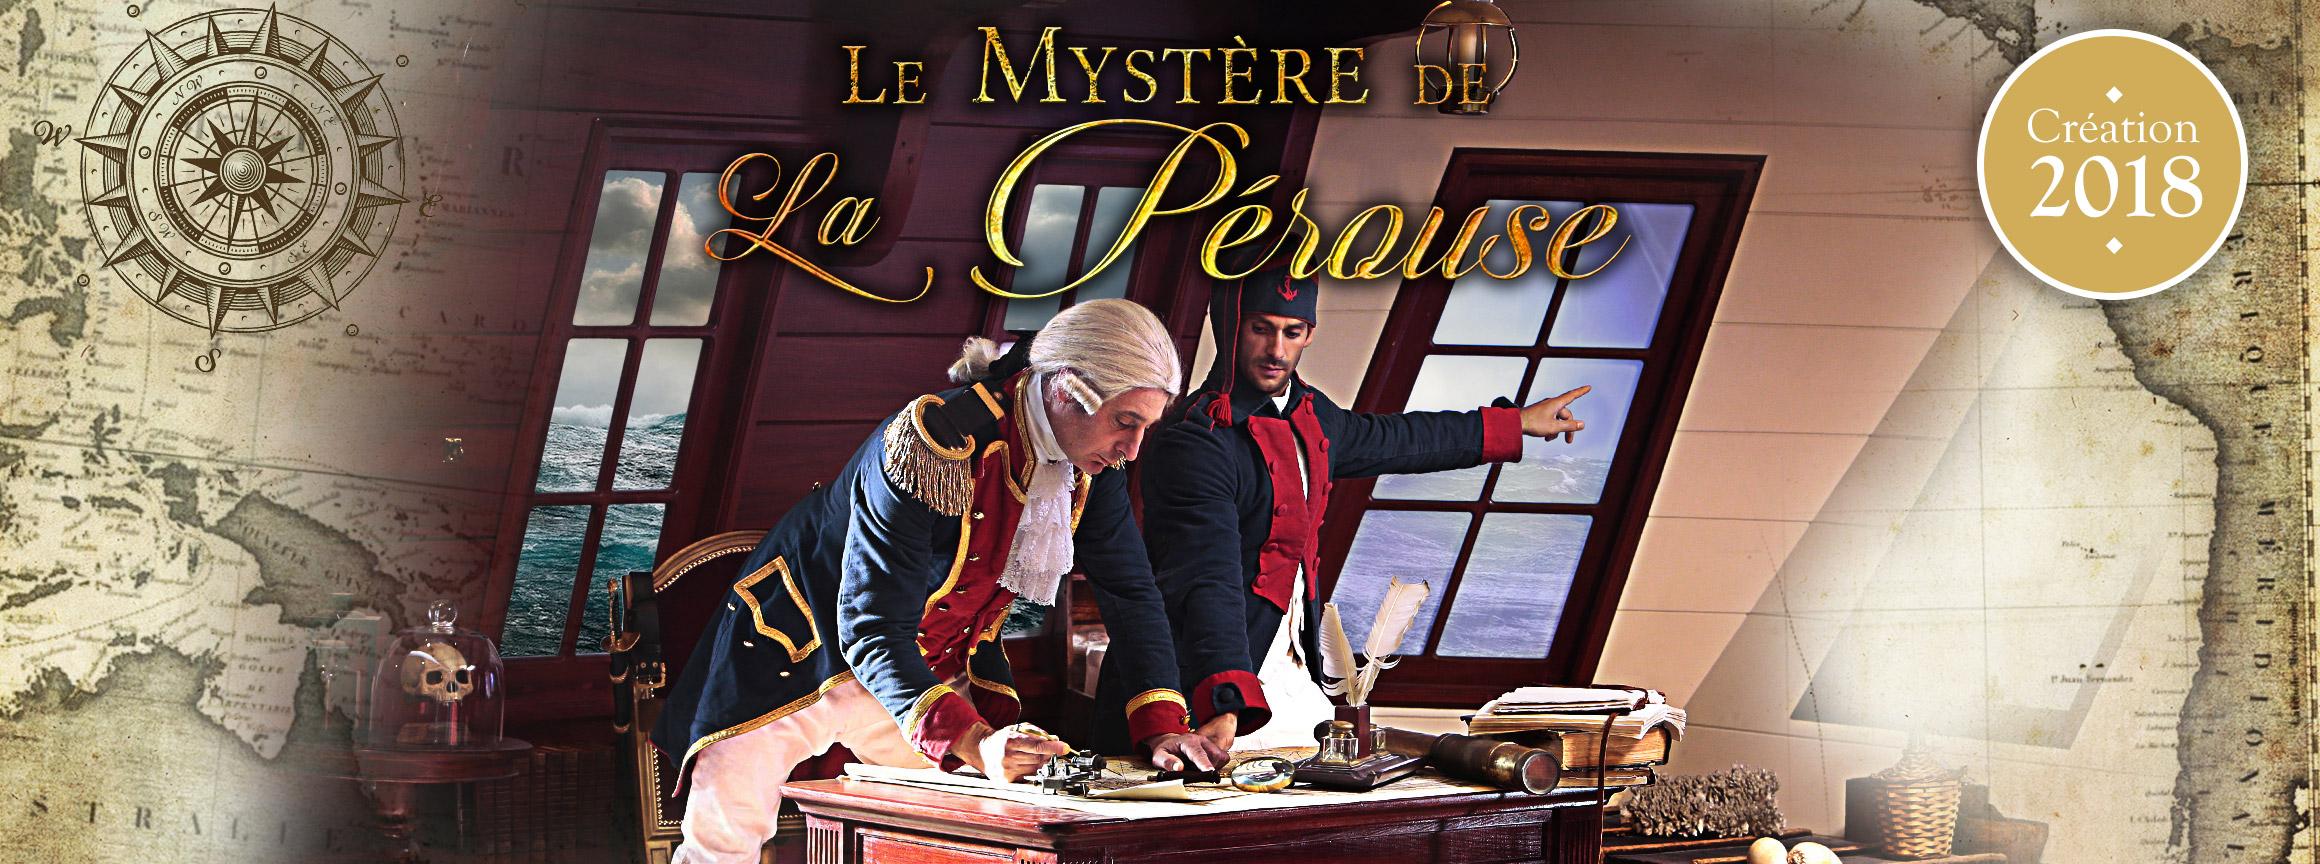 Le Mystère de La Pérouse